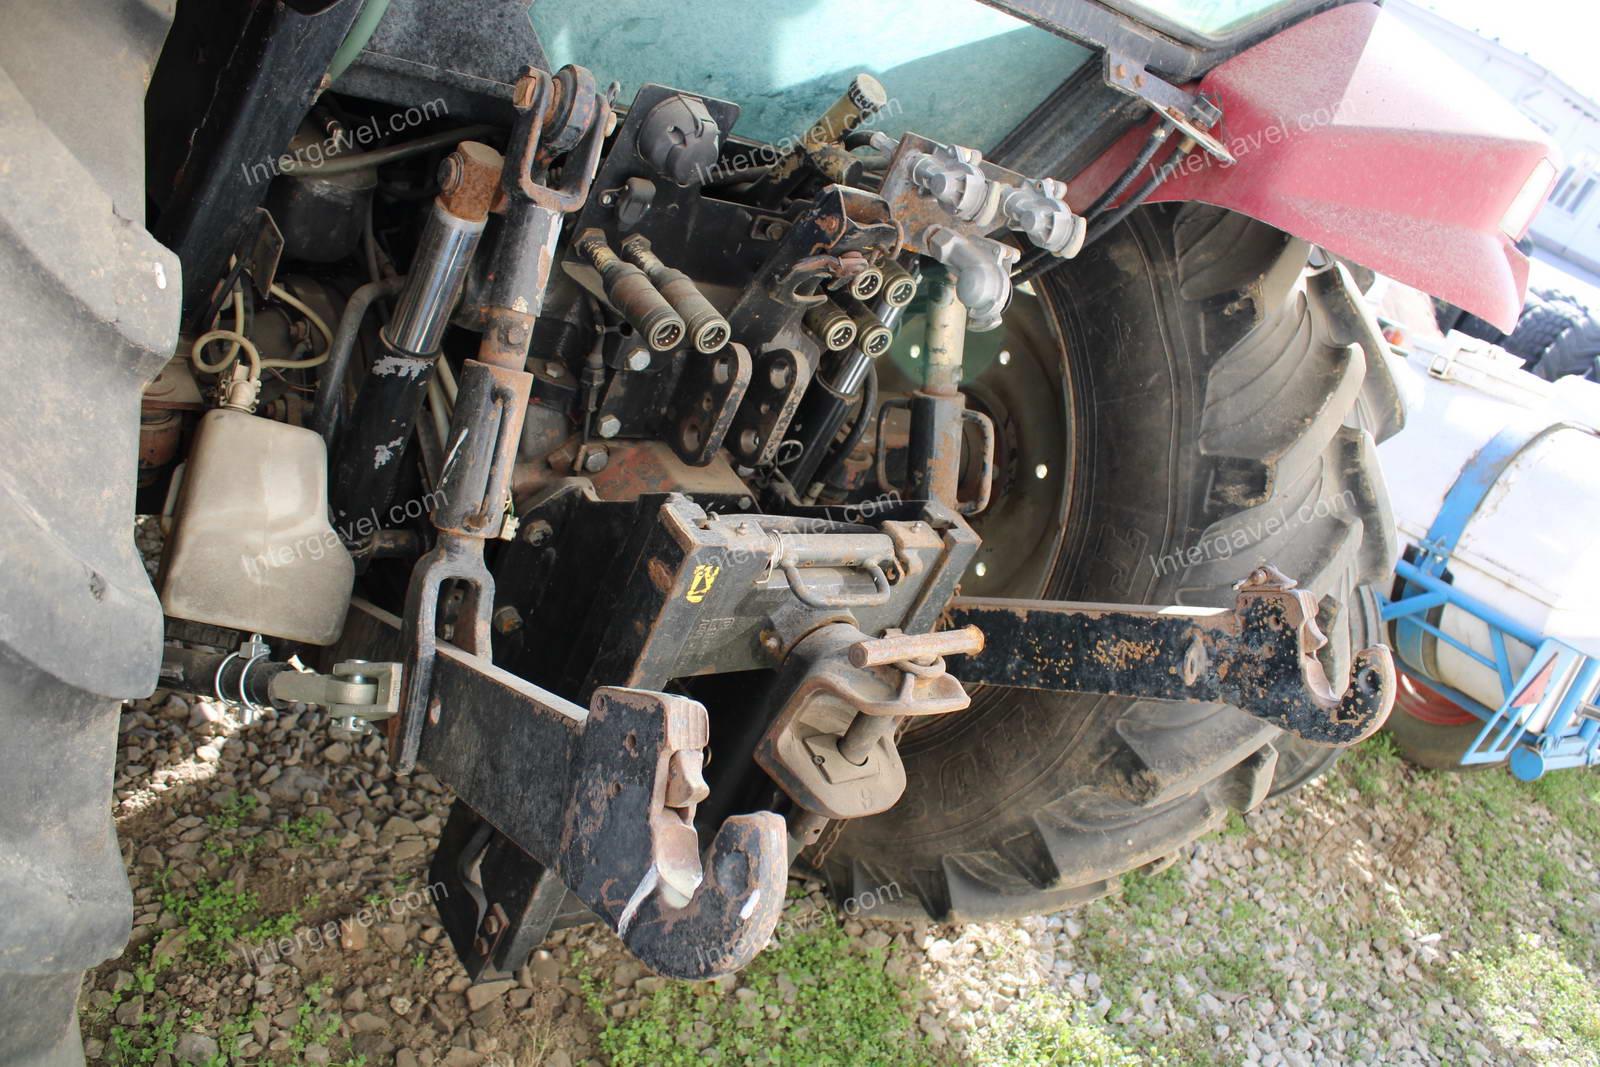 Tractor - Case IH, JX90U